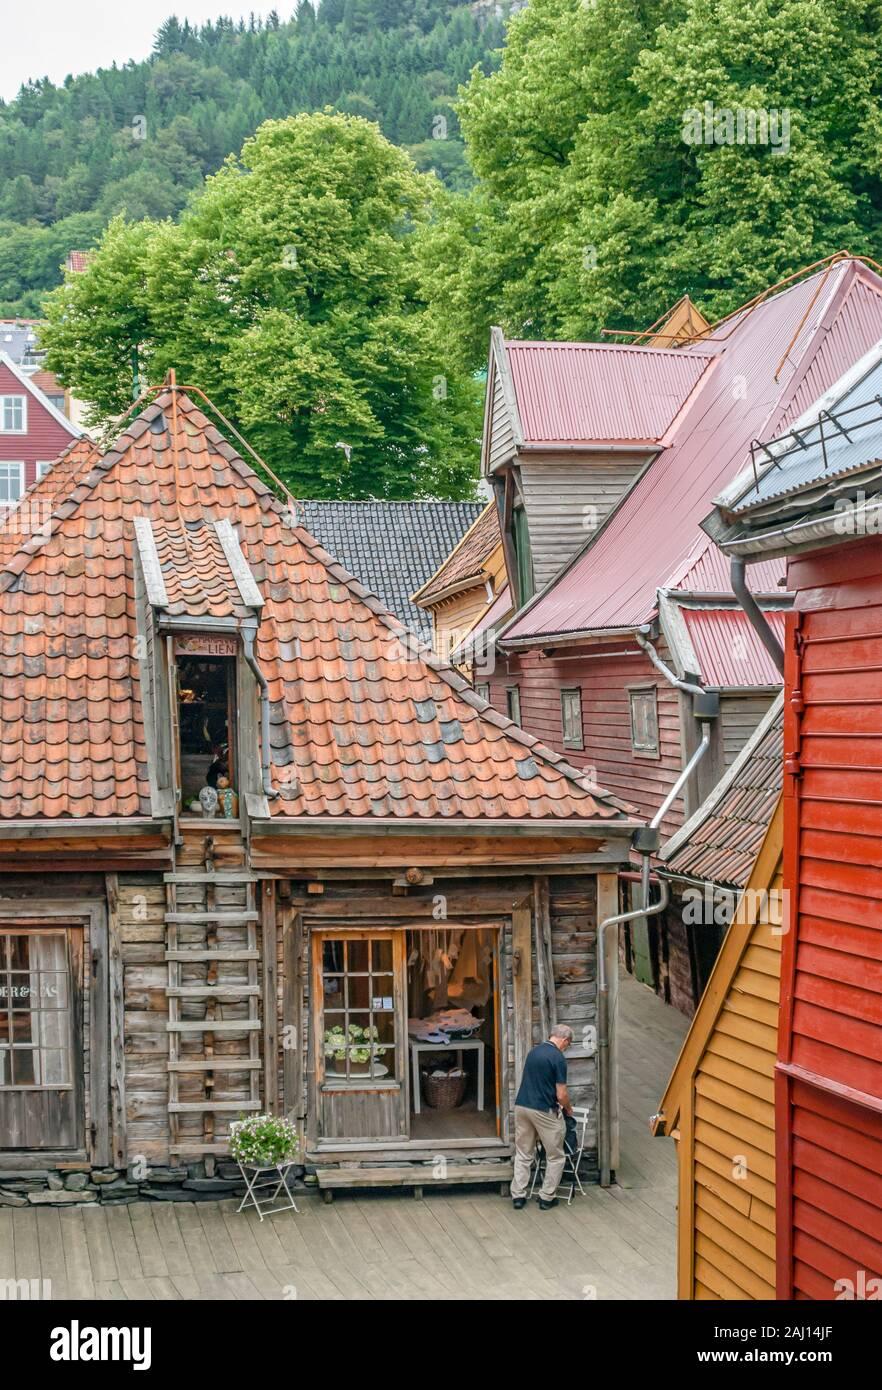 Entrepôts historiques du musée du patrimoine hanséatique de Brygge à Bergen, Norvège Banque D'Images